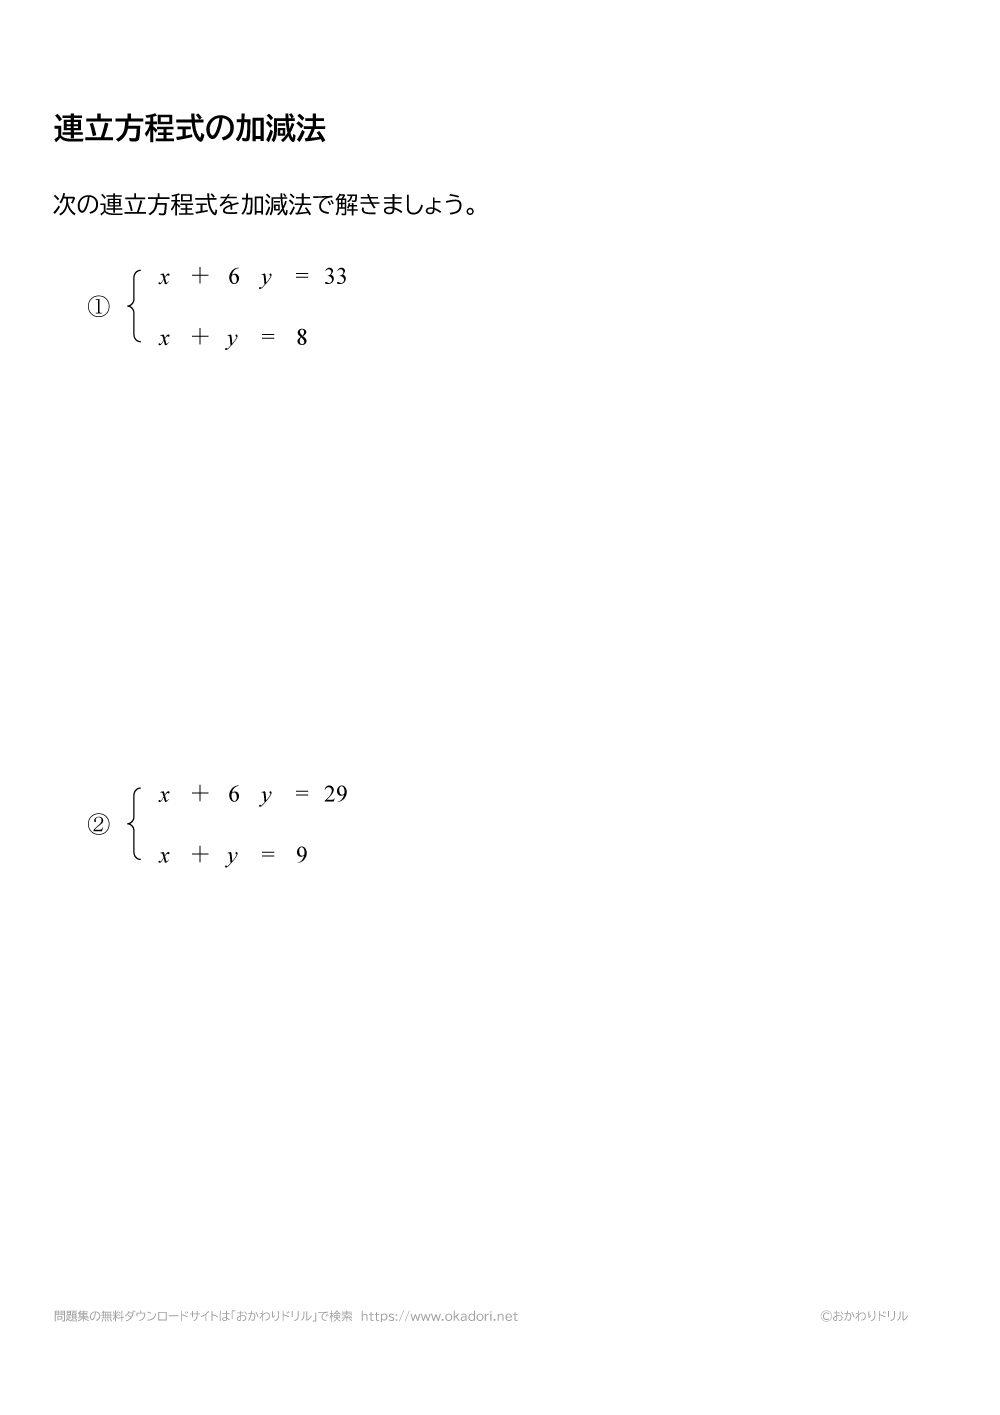 連立方程式を加減法で解くの問題と答え1